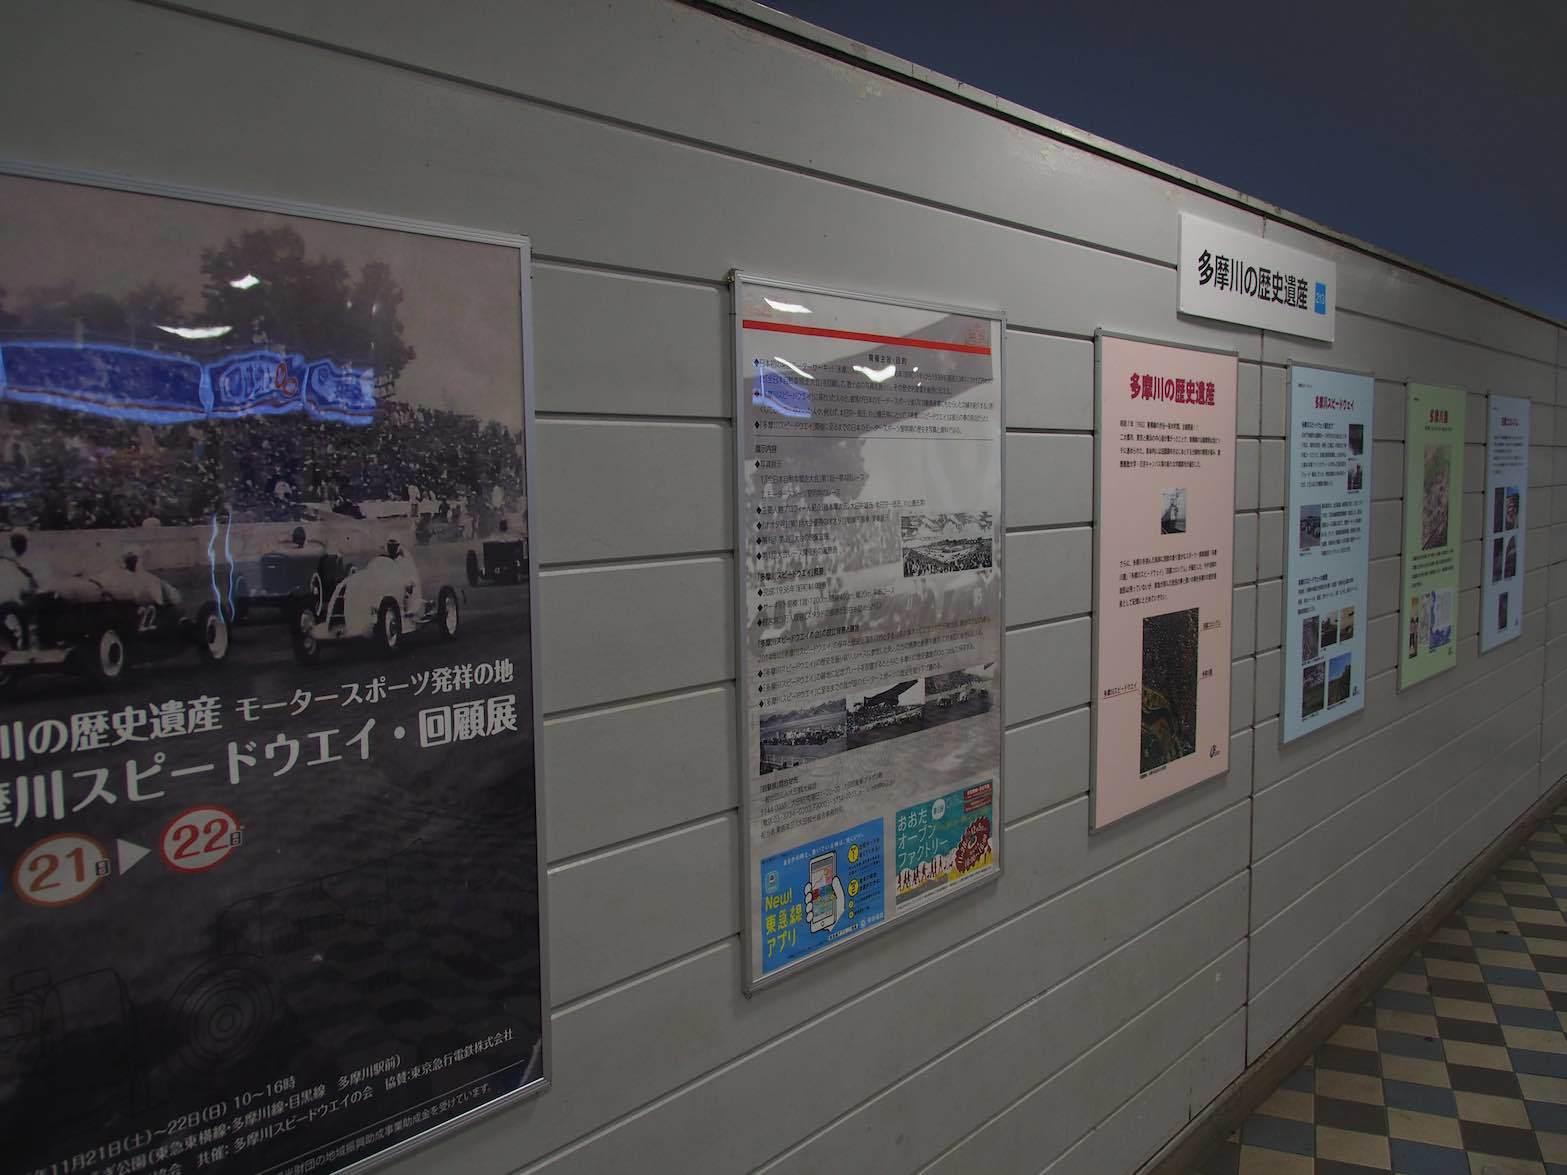 東急多摩川駅周辺13_b0360240_23512606.jpg